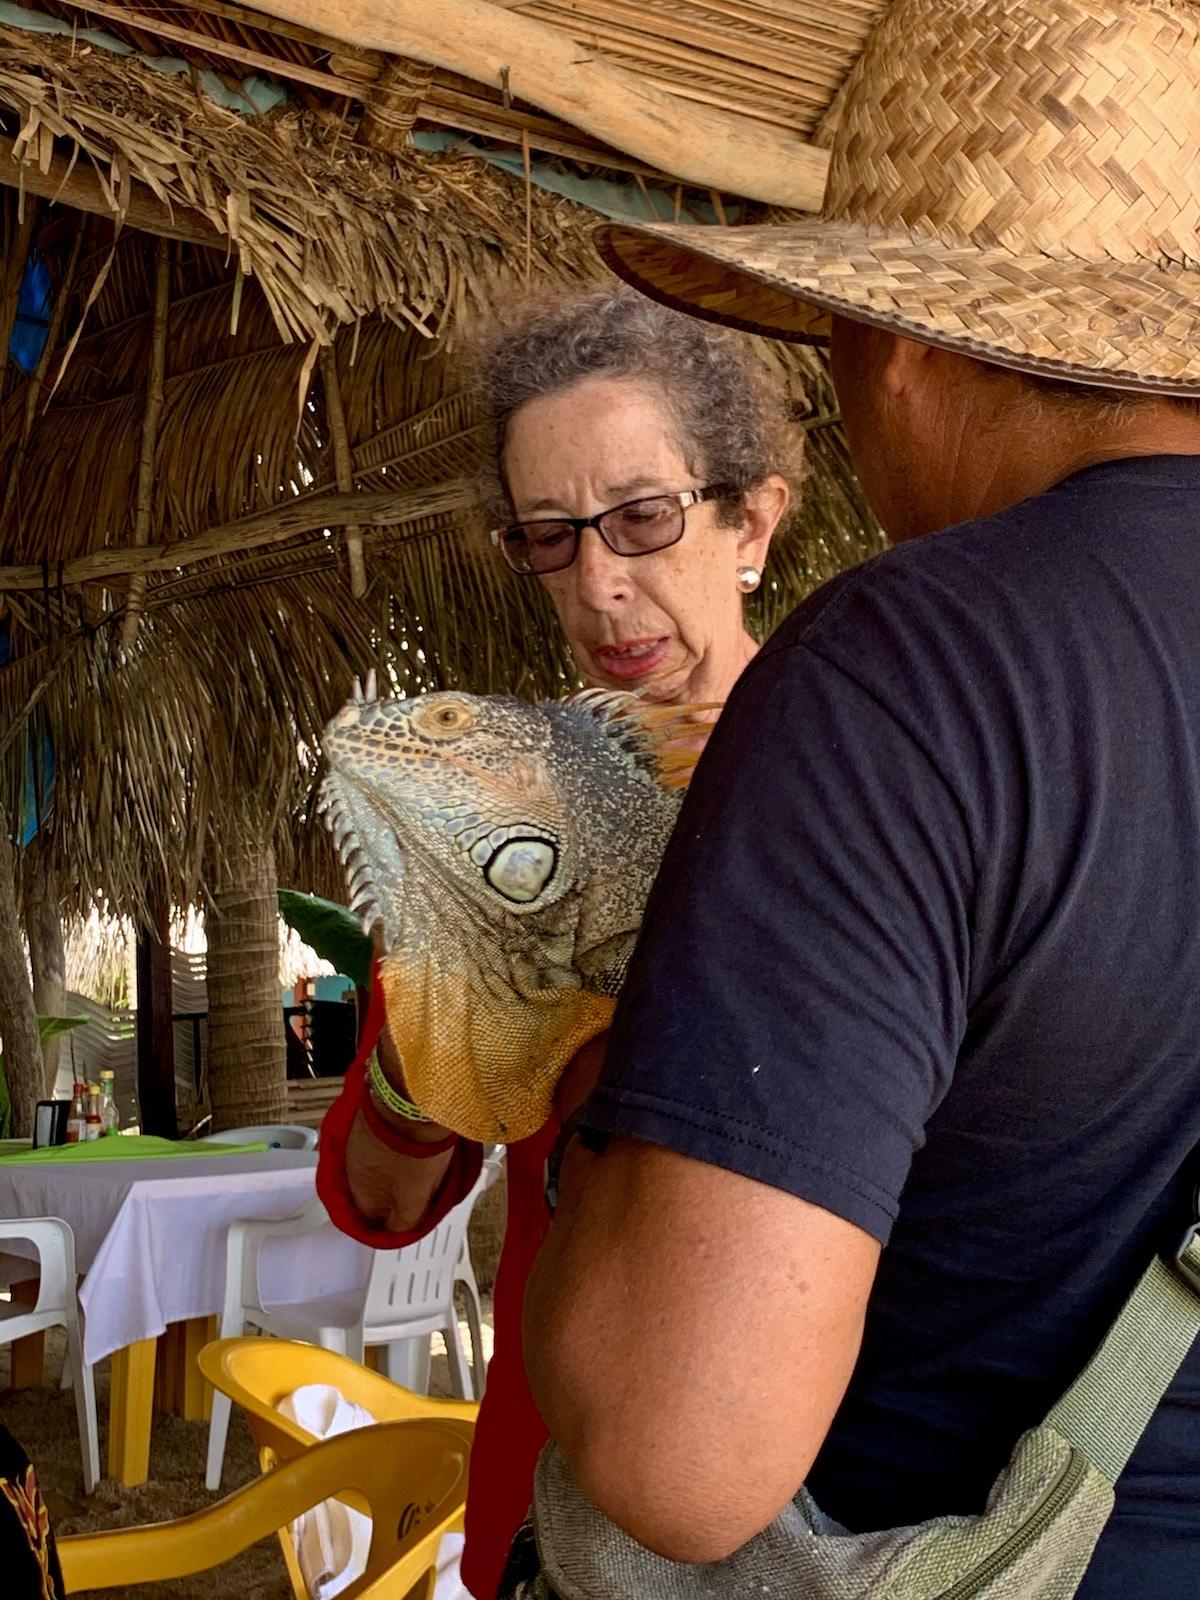 Chercher l'iguane